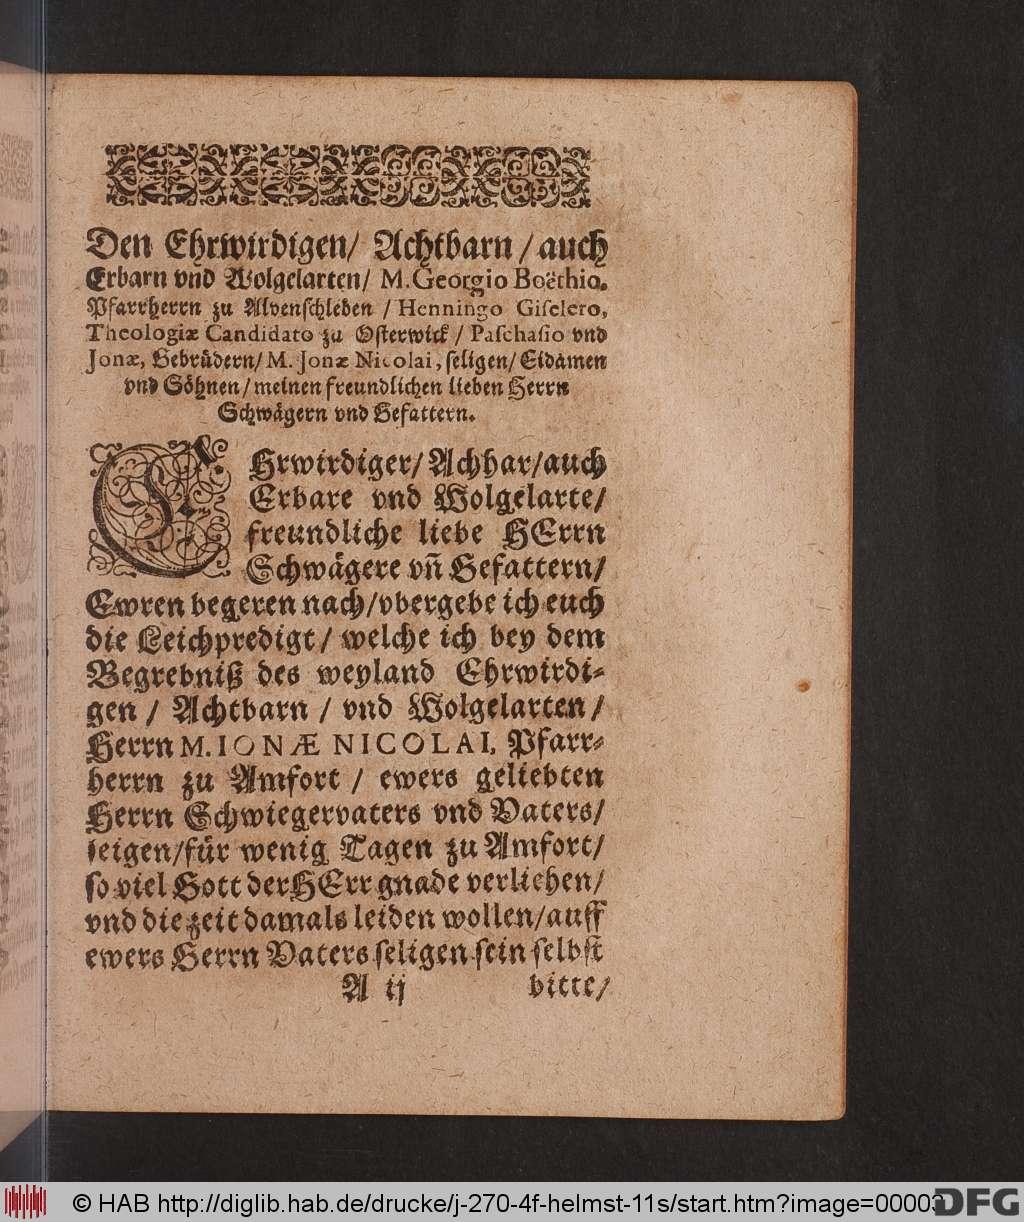 http://diglib.hab.de/drucke/j-270-4f-helmst-11s/00003.jpg